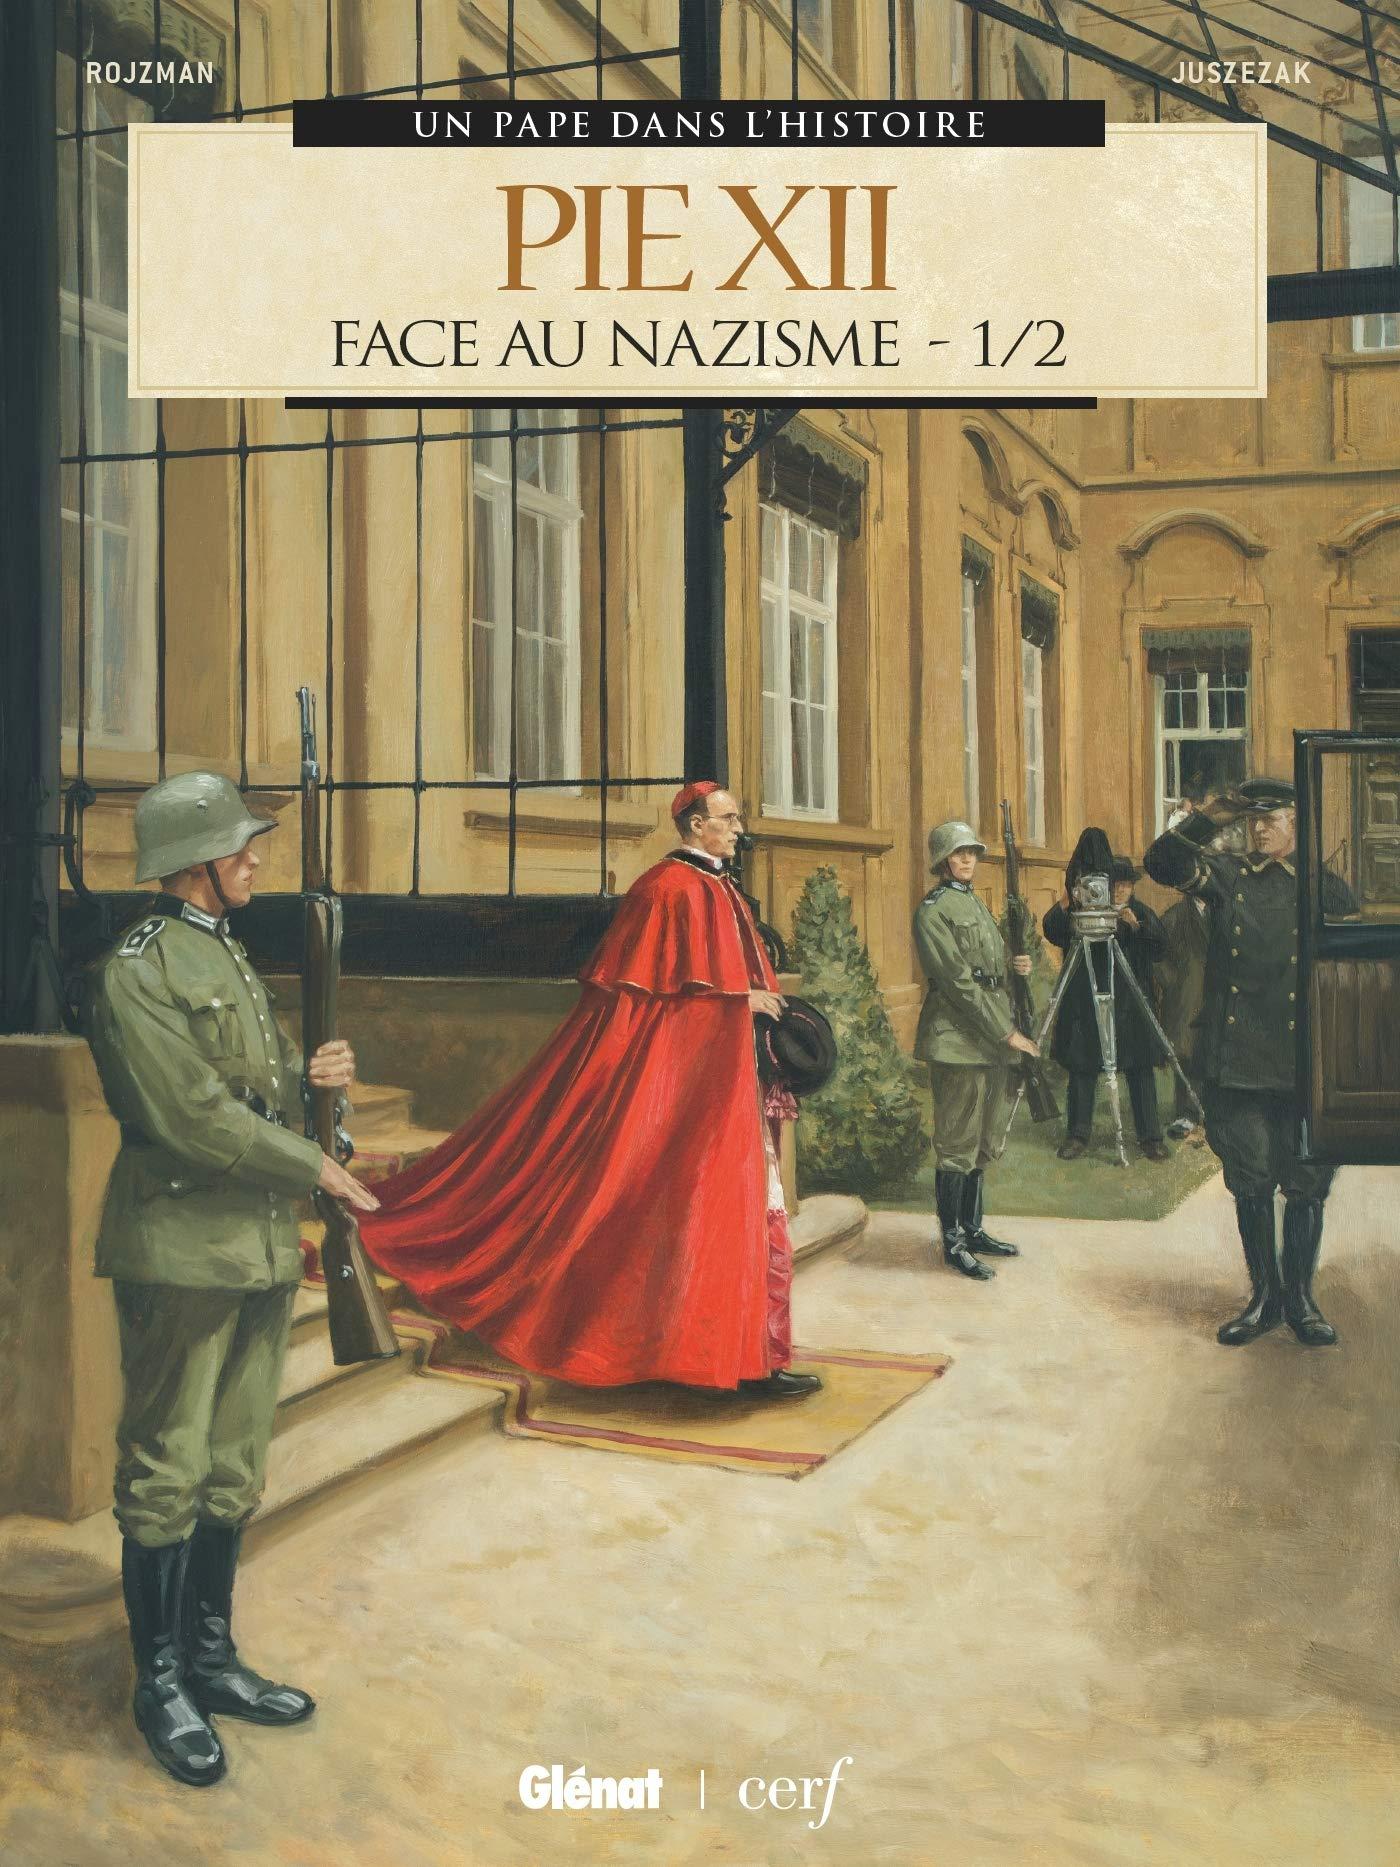 Pie XII 1 - Face au nazisme 1/2